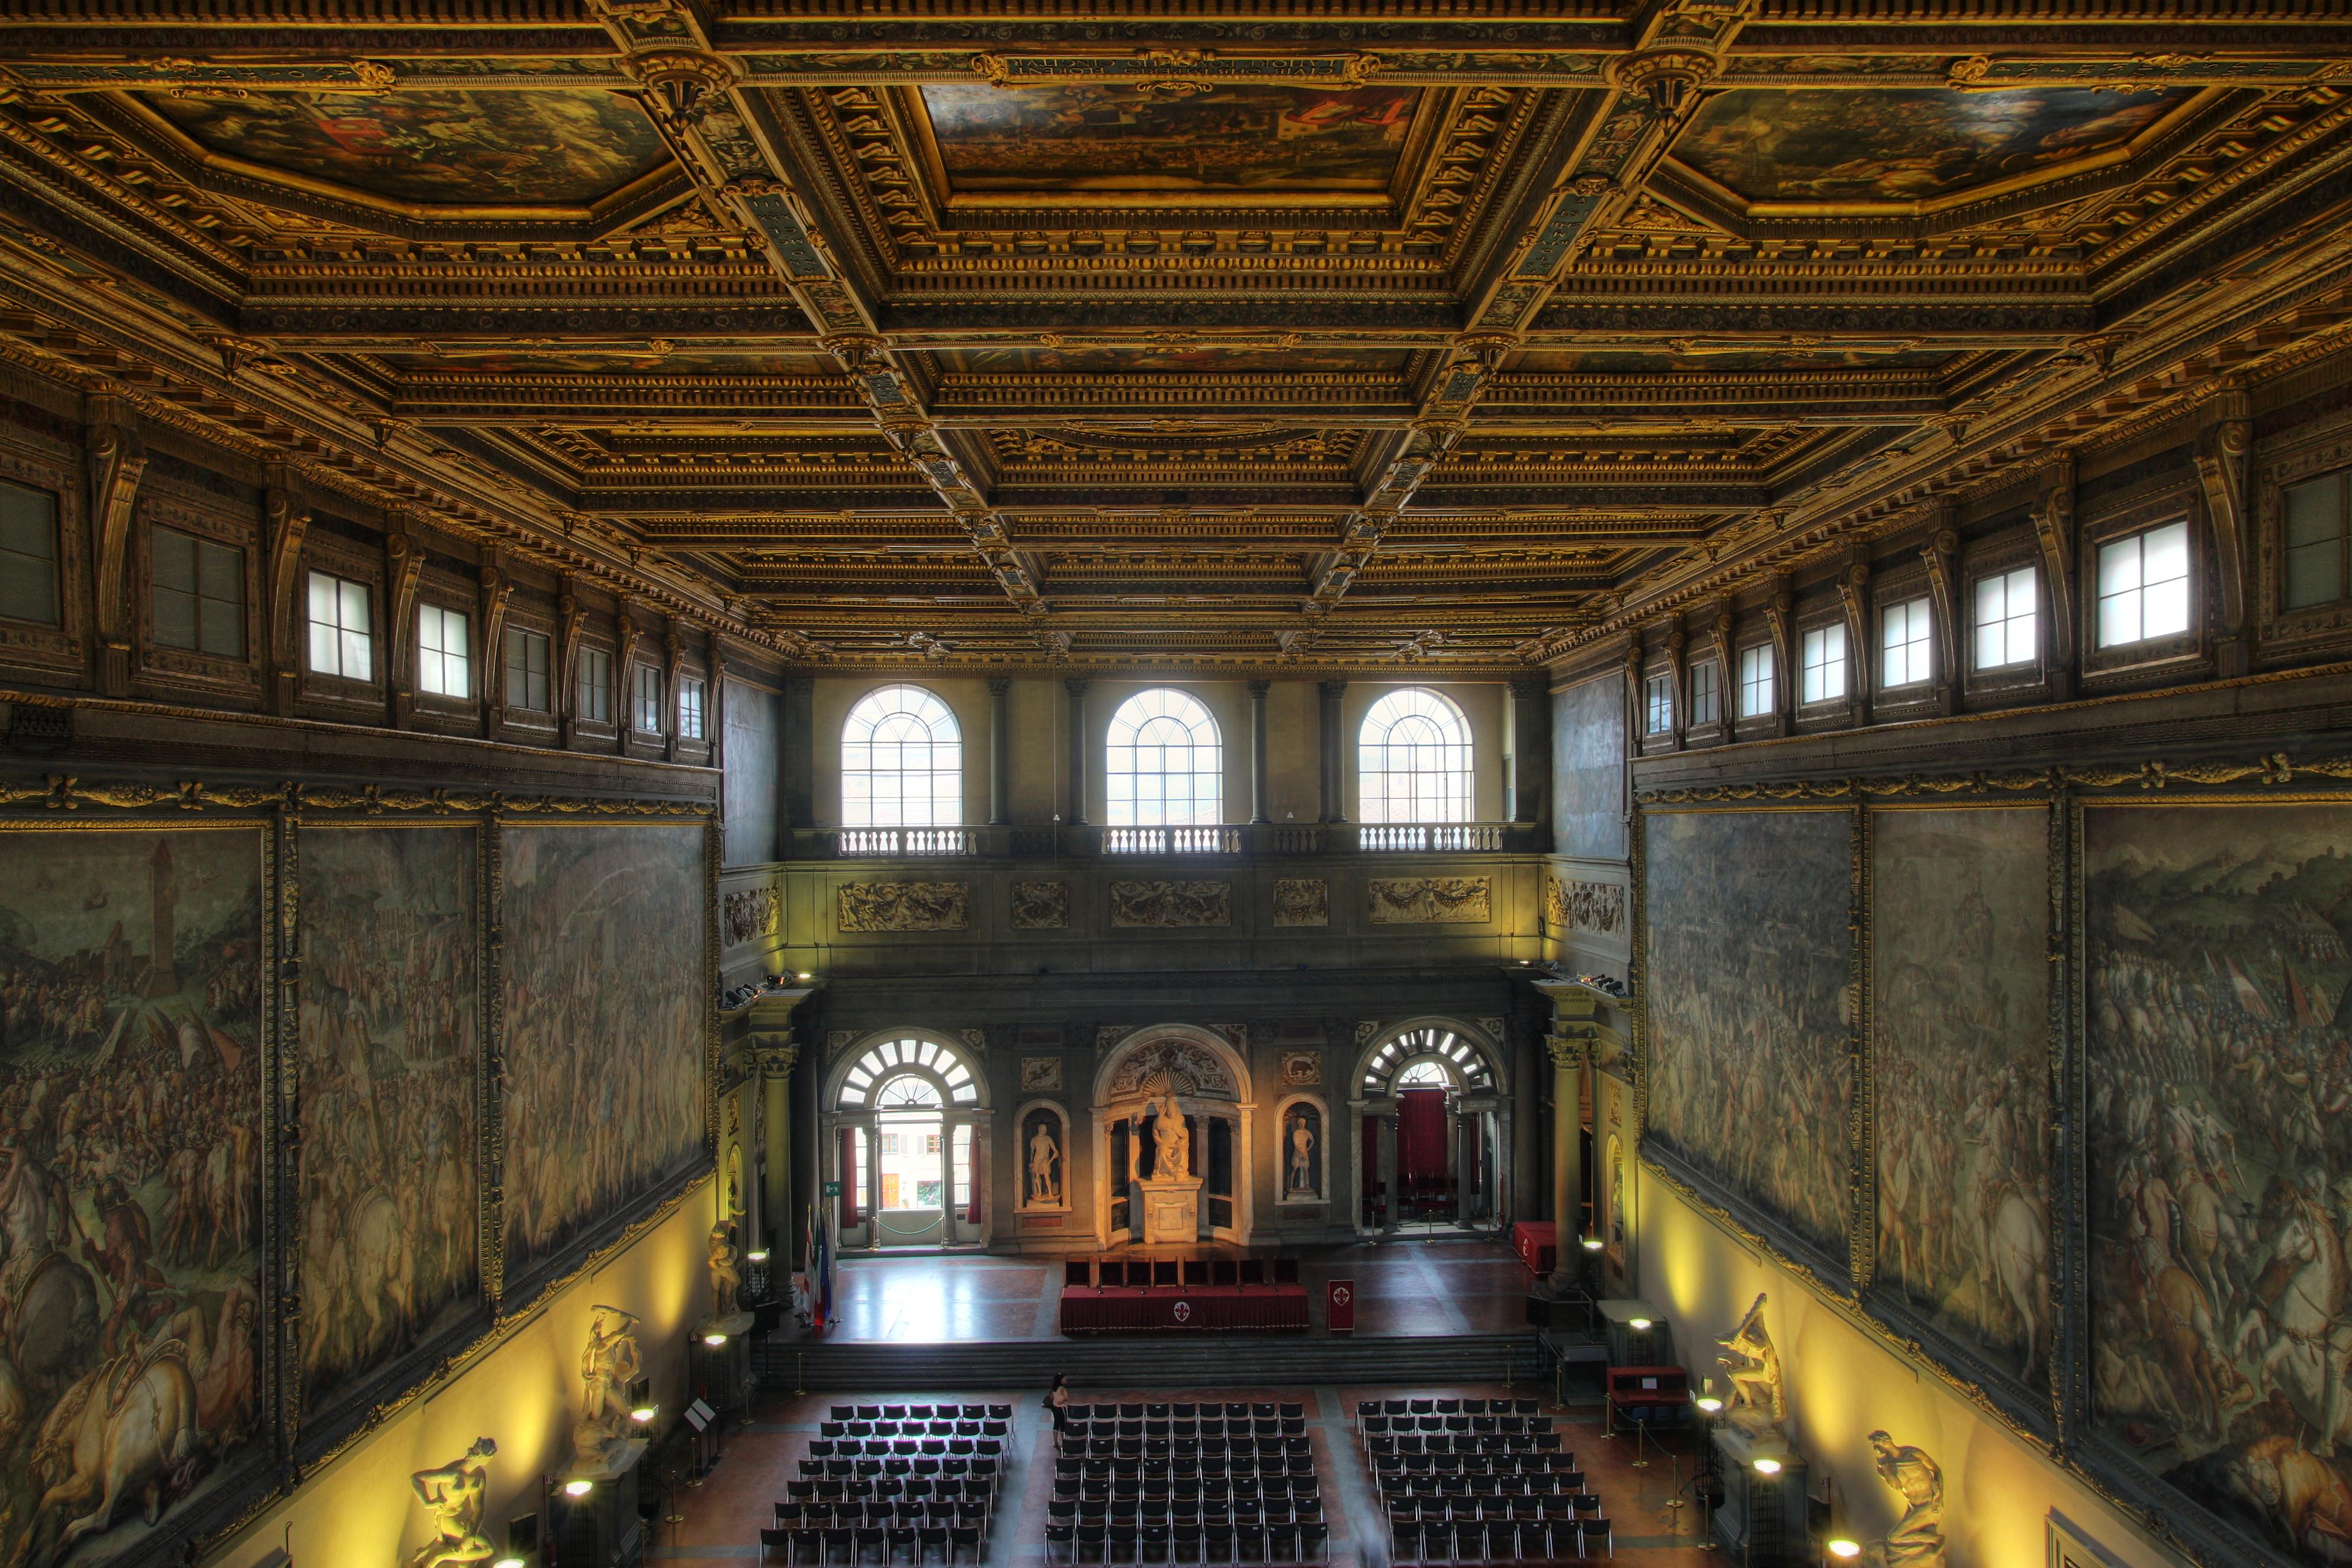 palazzo vecchio - grand hall.jpg